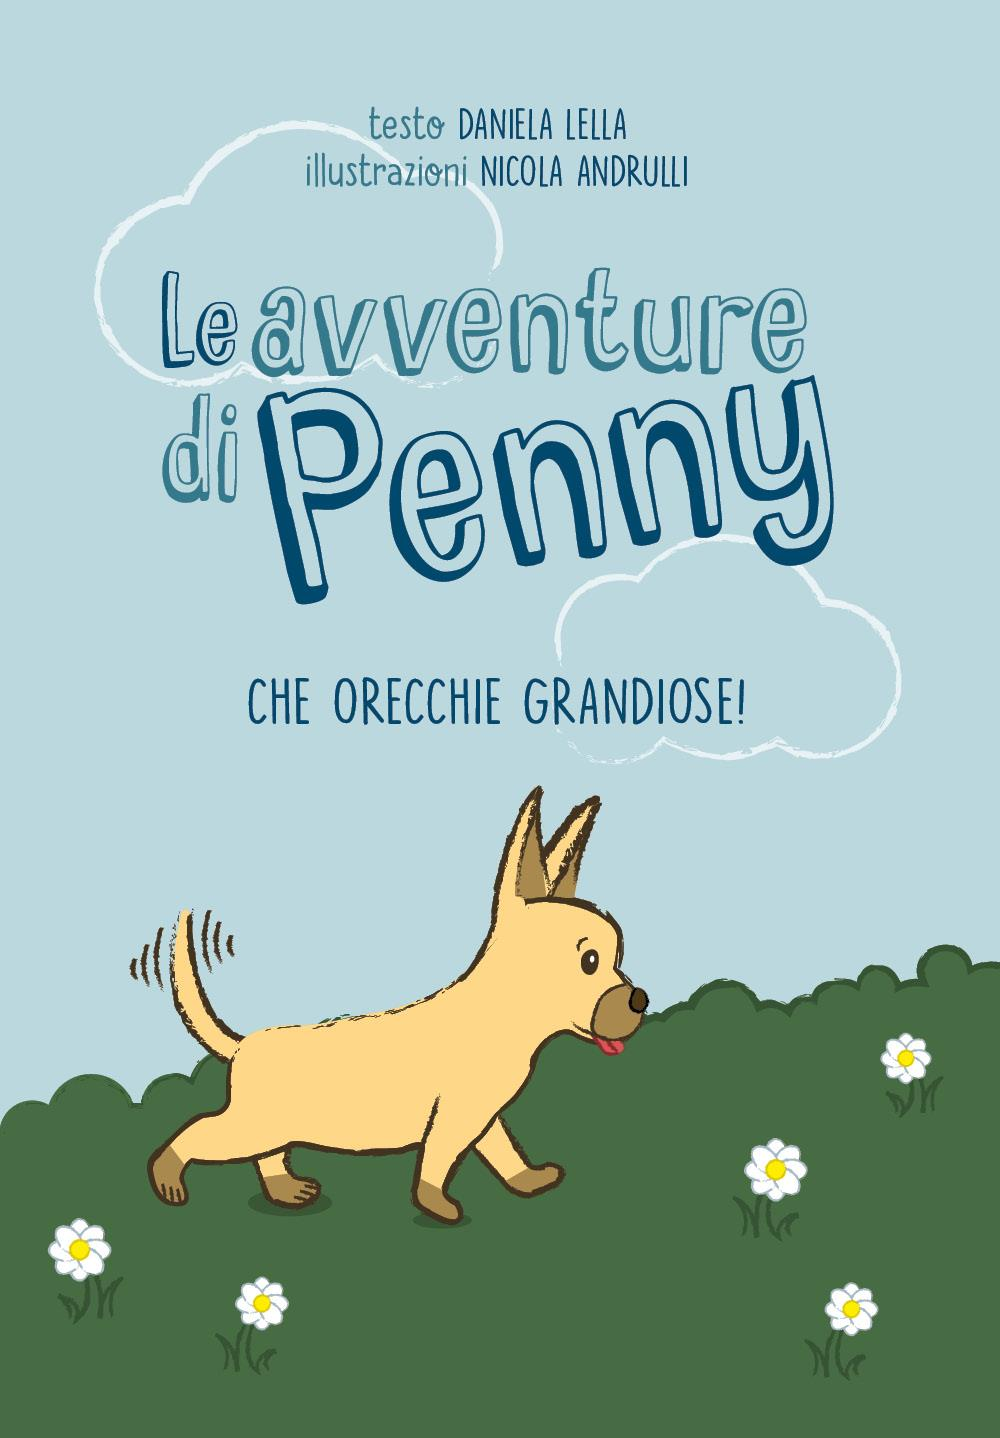 Le avventure di Penny - Che orecchie grandiose!